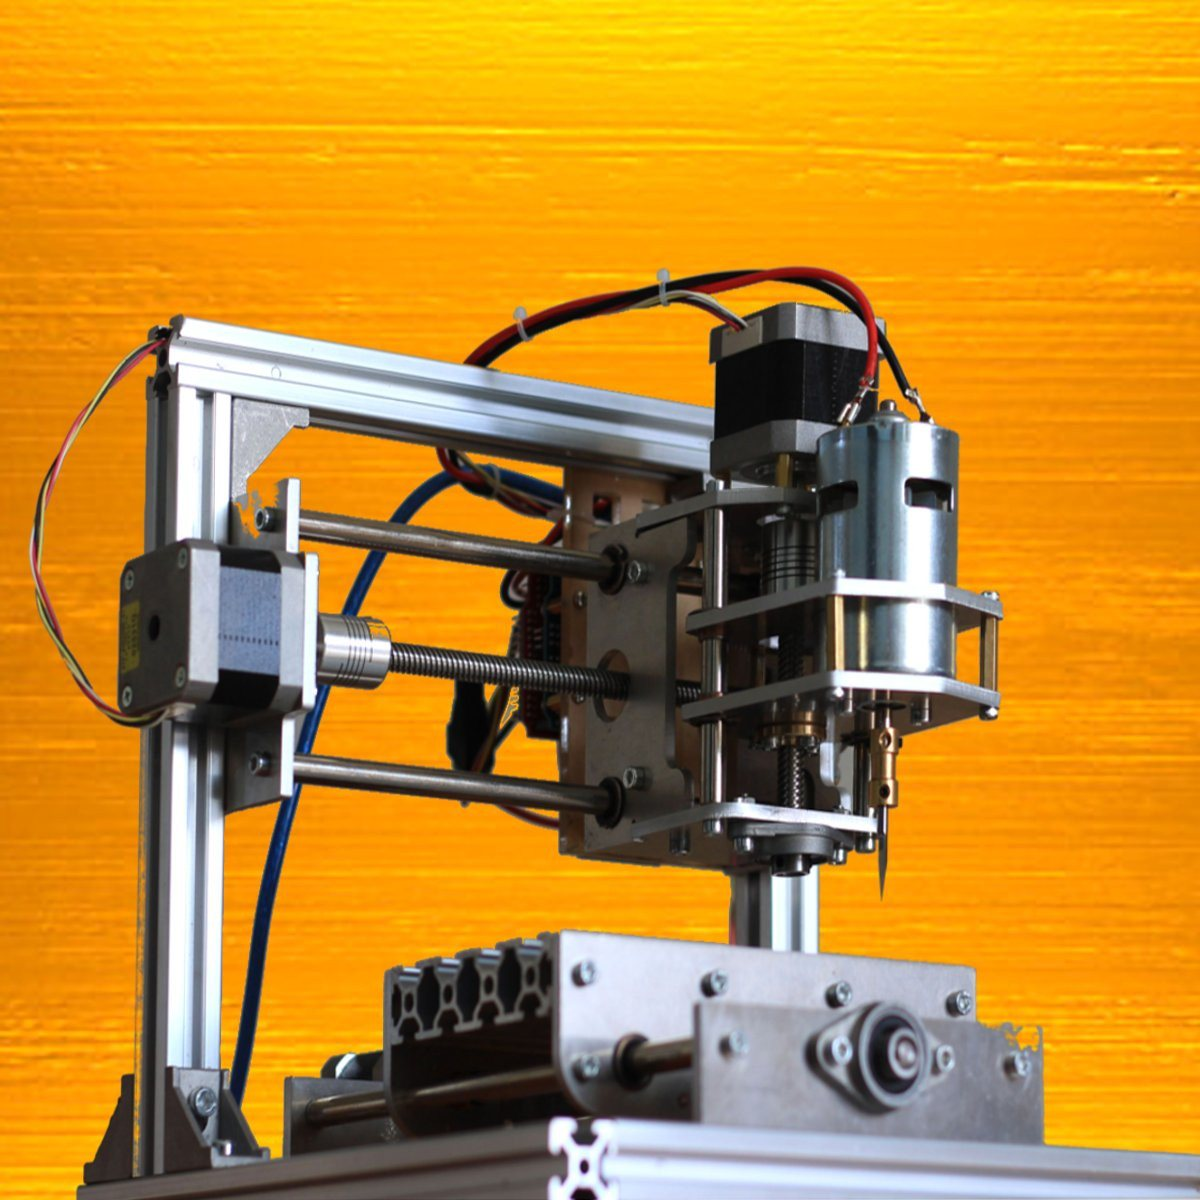 Mini 24 v 5A FAI DA TE 3 Assi CNC Engraver Macchina Per Incidere 130x100x40mm PCB Fresatura Legno intagliare Incisione Router Kit per Grbl BordoMini 24 v 5A FAI DA TE 3 Assi CNC Engraver Macchina Per Incidere 130x100x40mm PCB Fresatura Legno intagliare Incisione Router Kit per Grbl Bordo